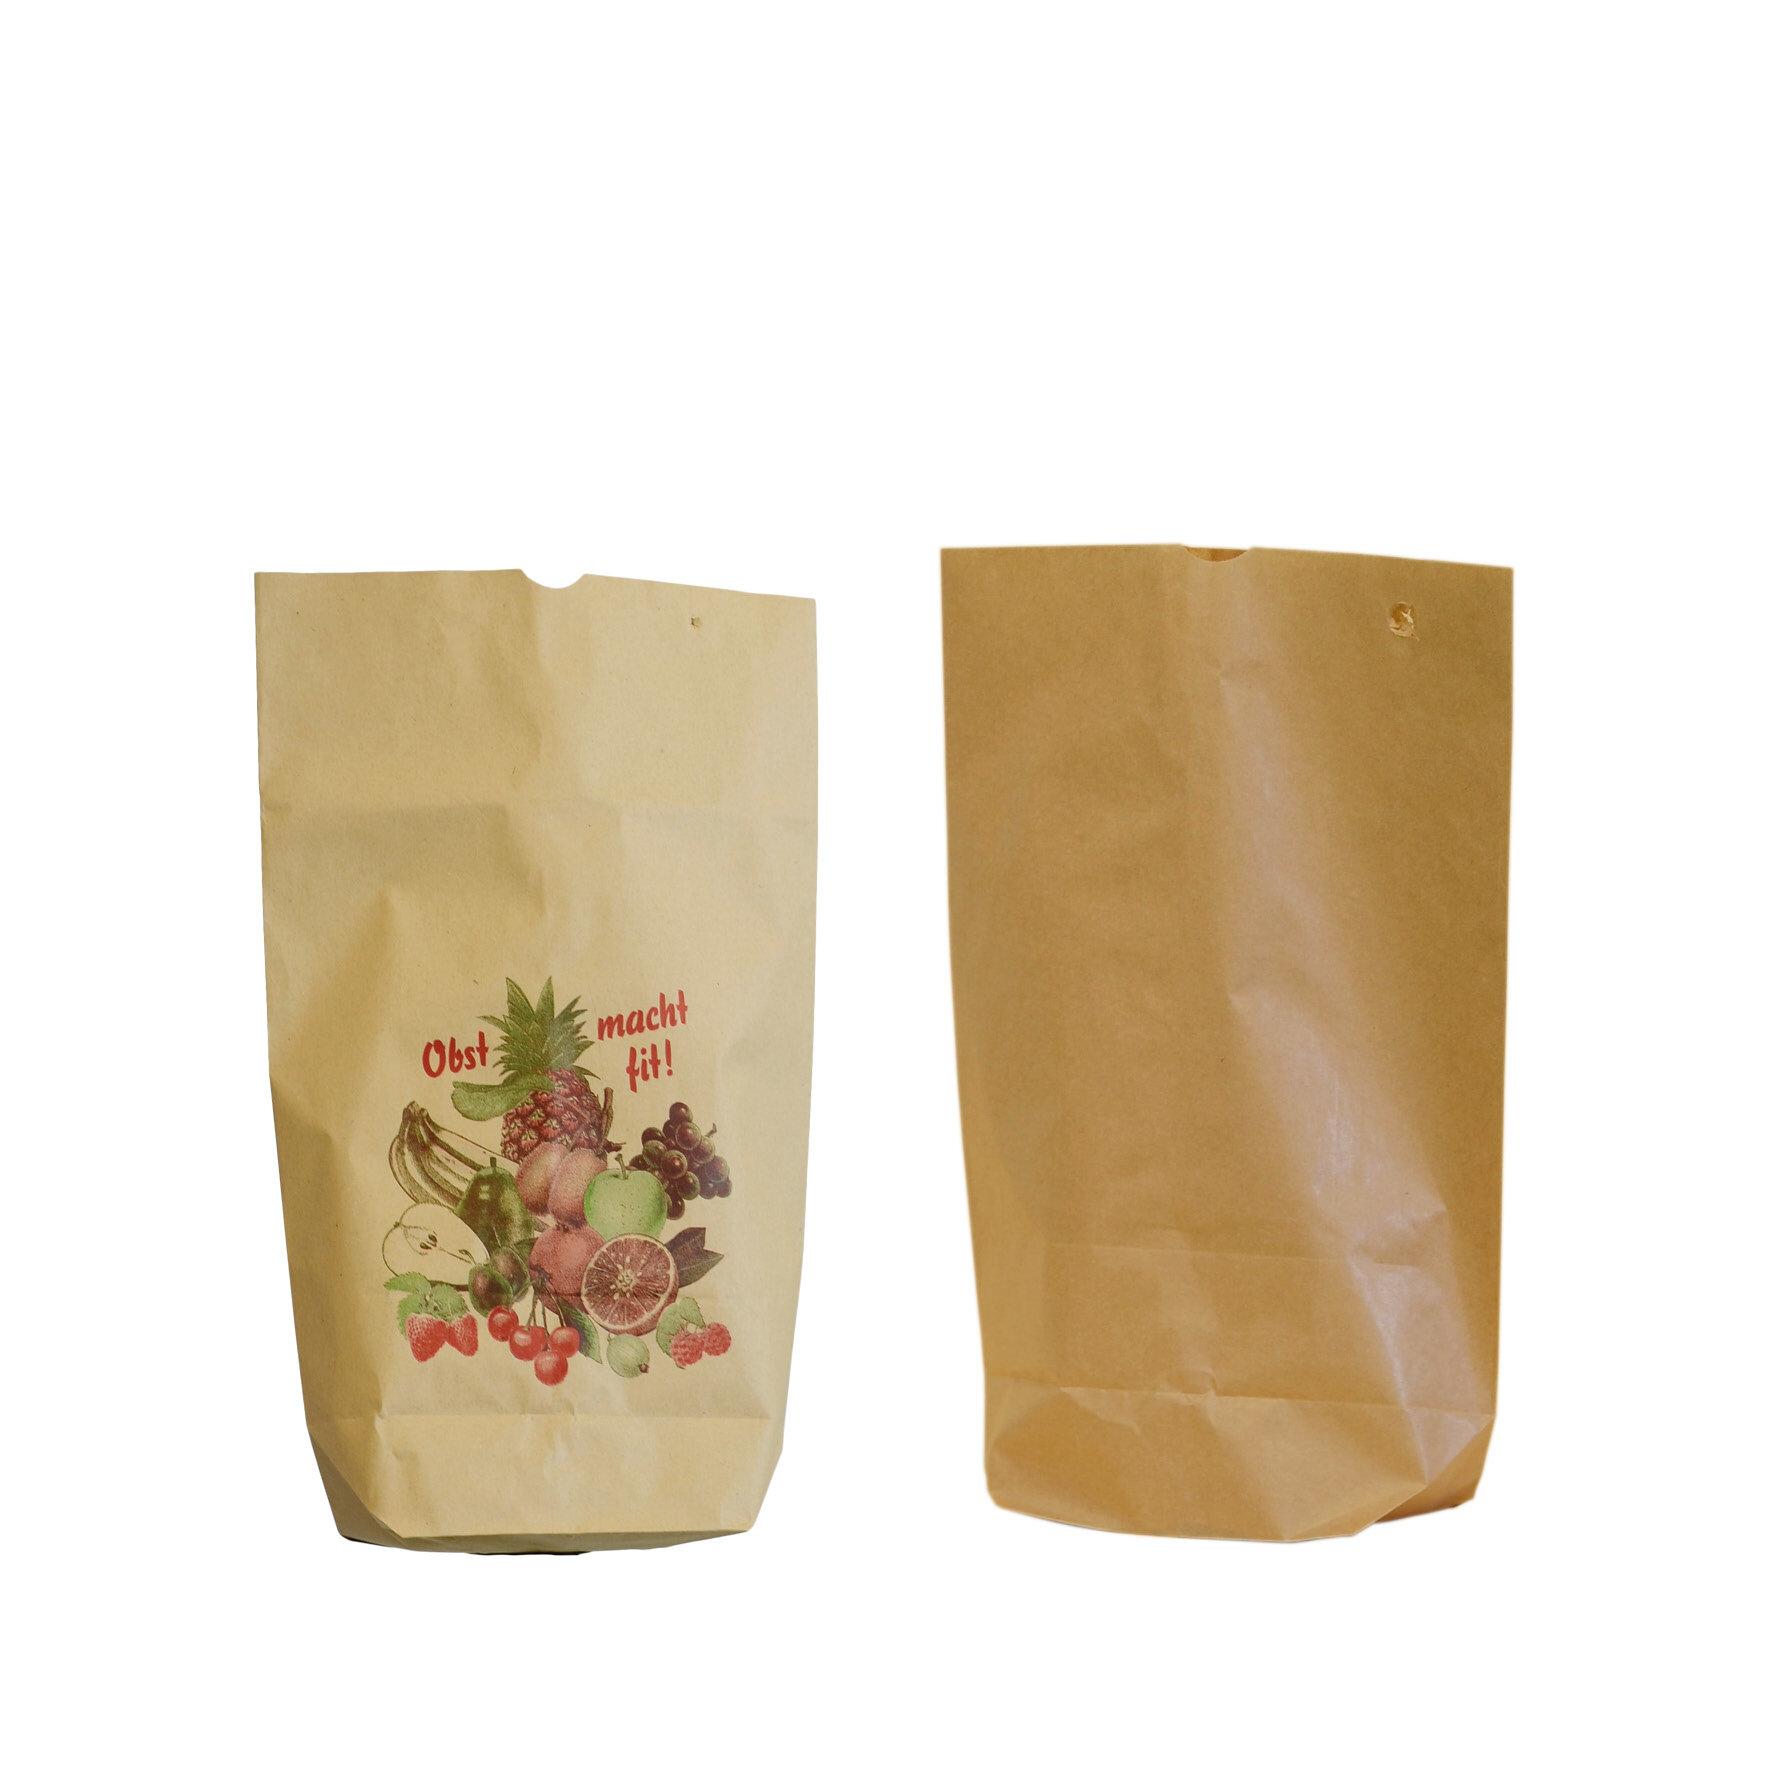 WEBAbag  Kreuzbodenbeutel  aus Kraftpapier    kompostierbar, Neutraldruck und ohne Druck